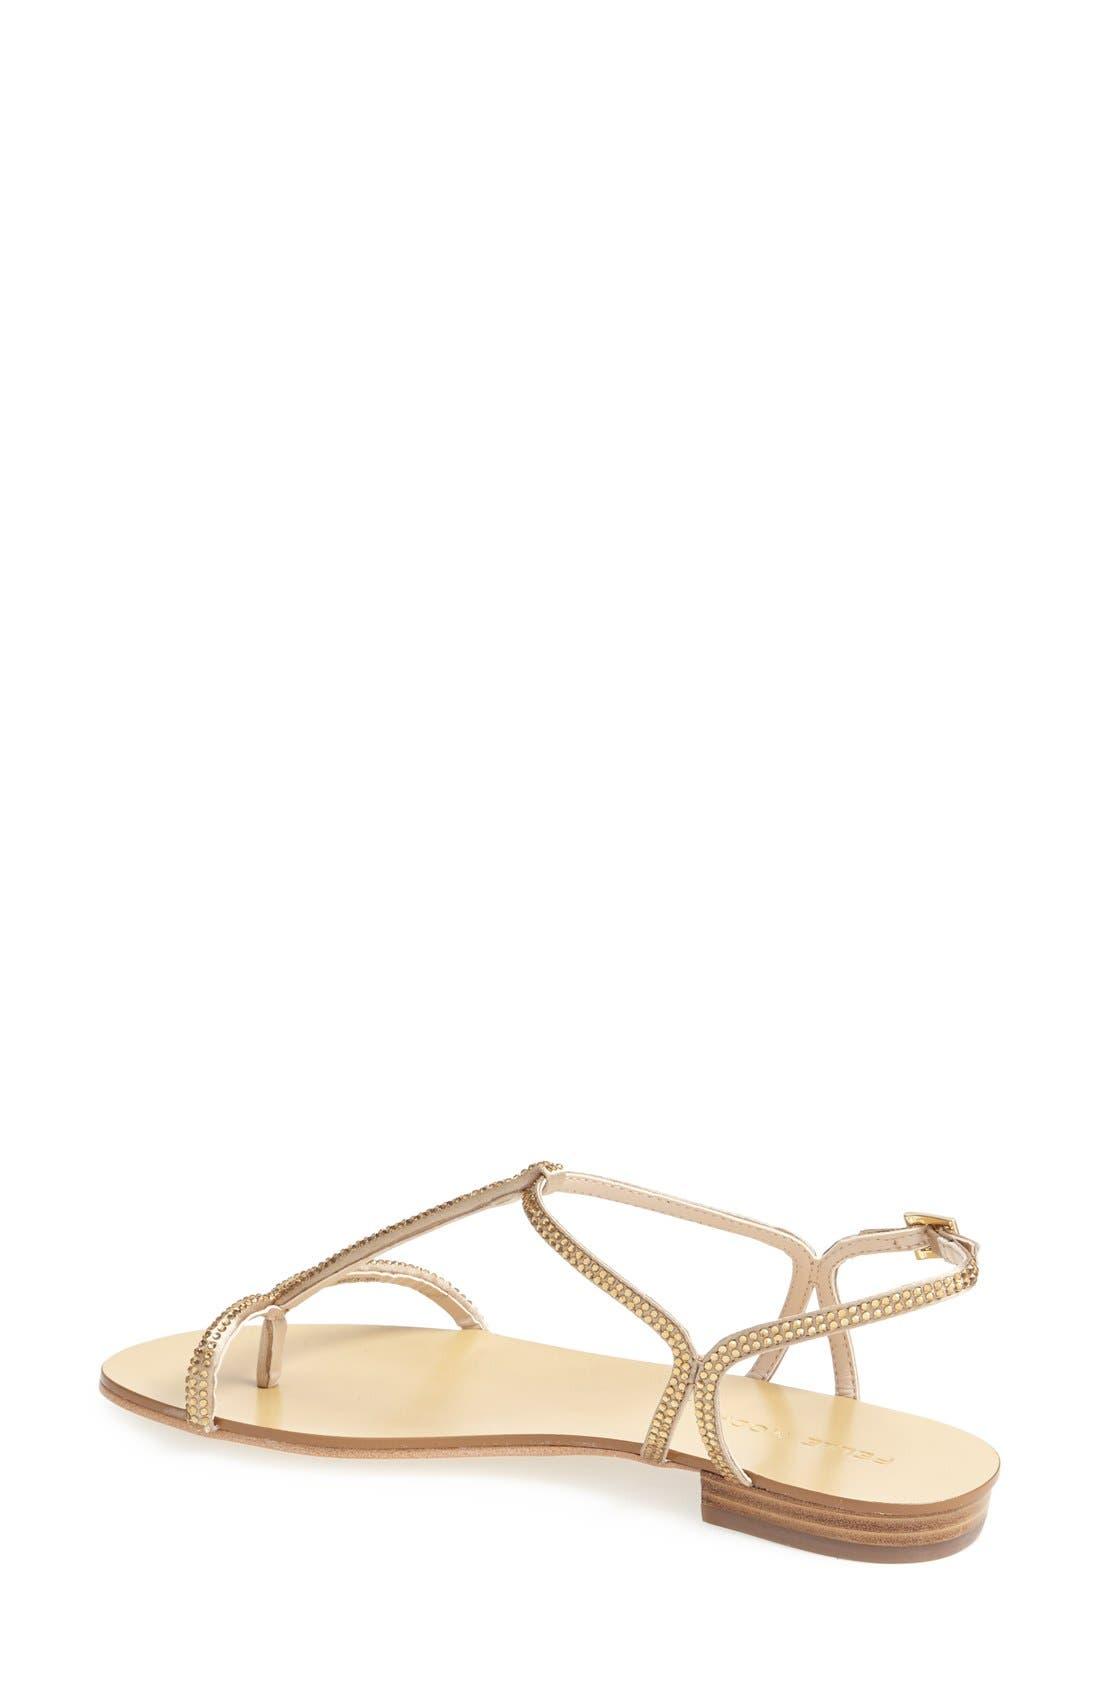 Alternate Image 2  - Pelle Moda 'Becca' T Strap Thong Sandal (Women)